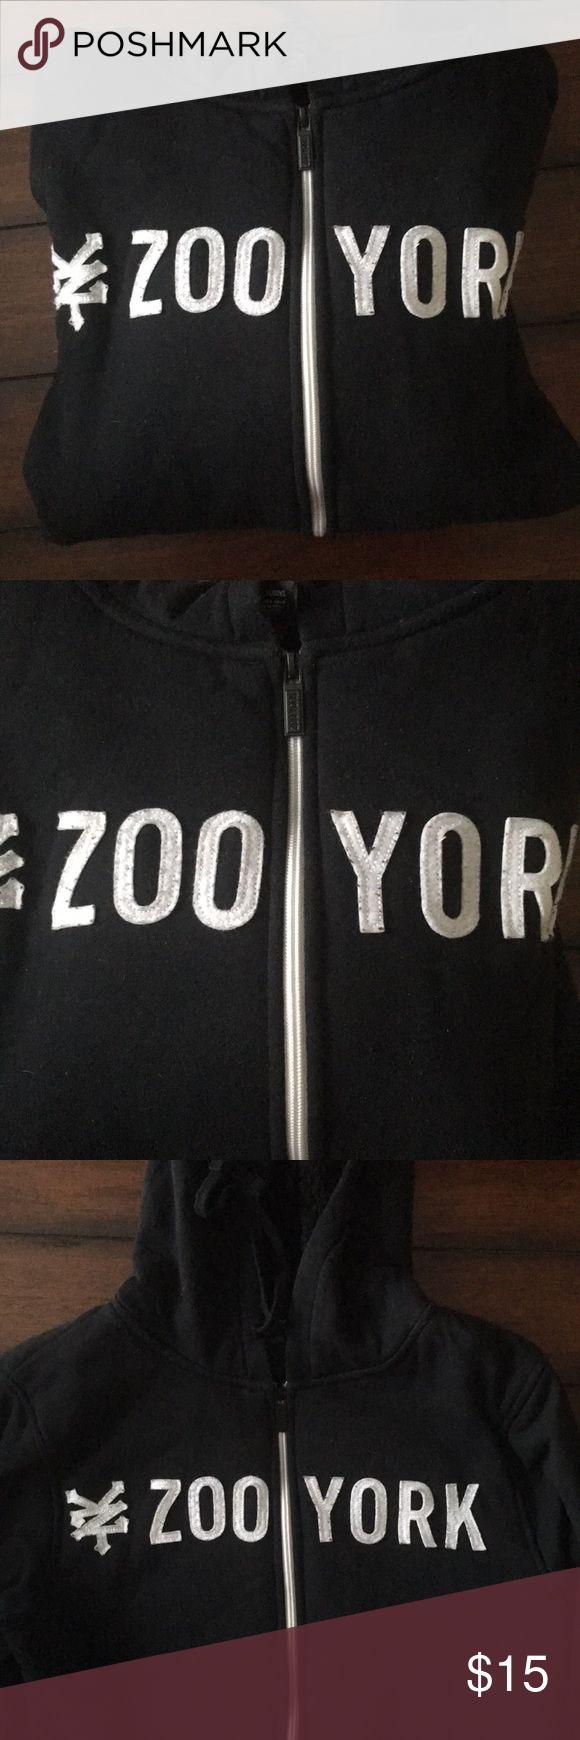 Hoodie MENS zoo york hoodie Zoo York Shirts